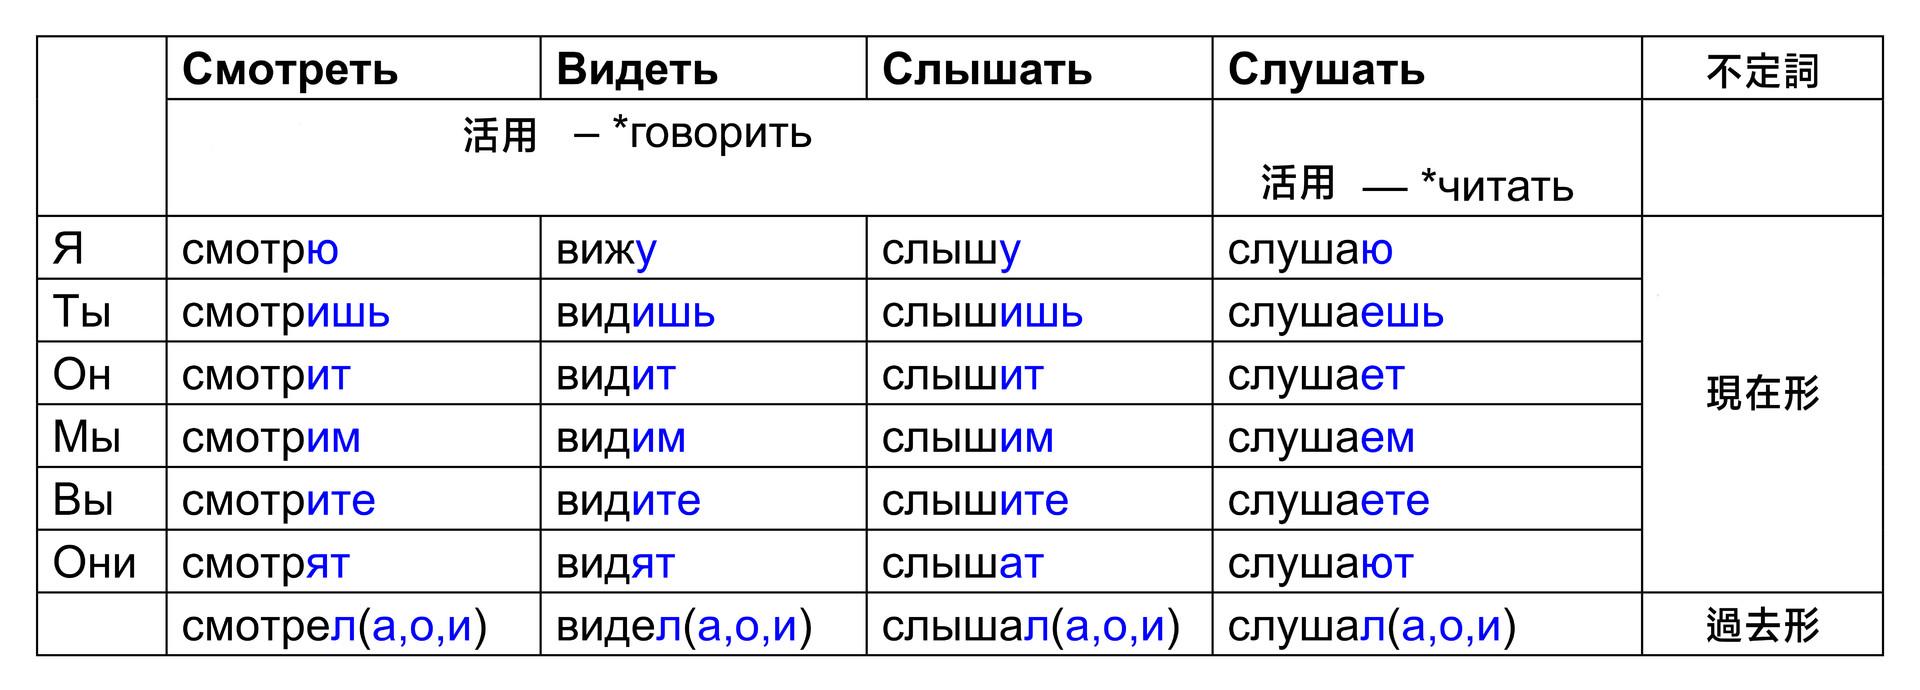 4つの動詞の活用(現在形と過去形)